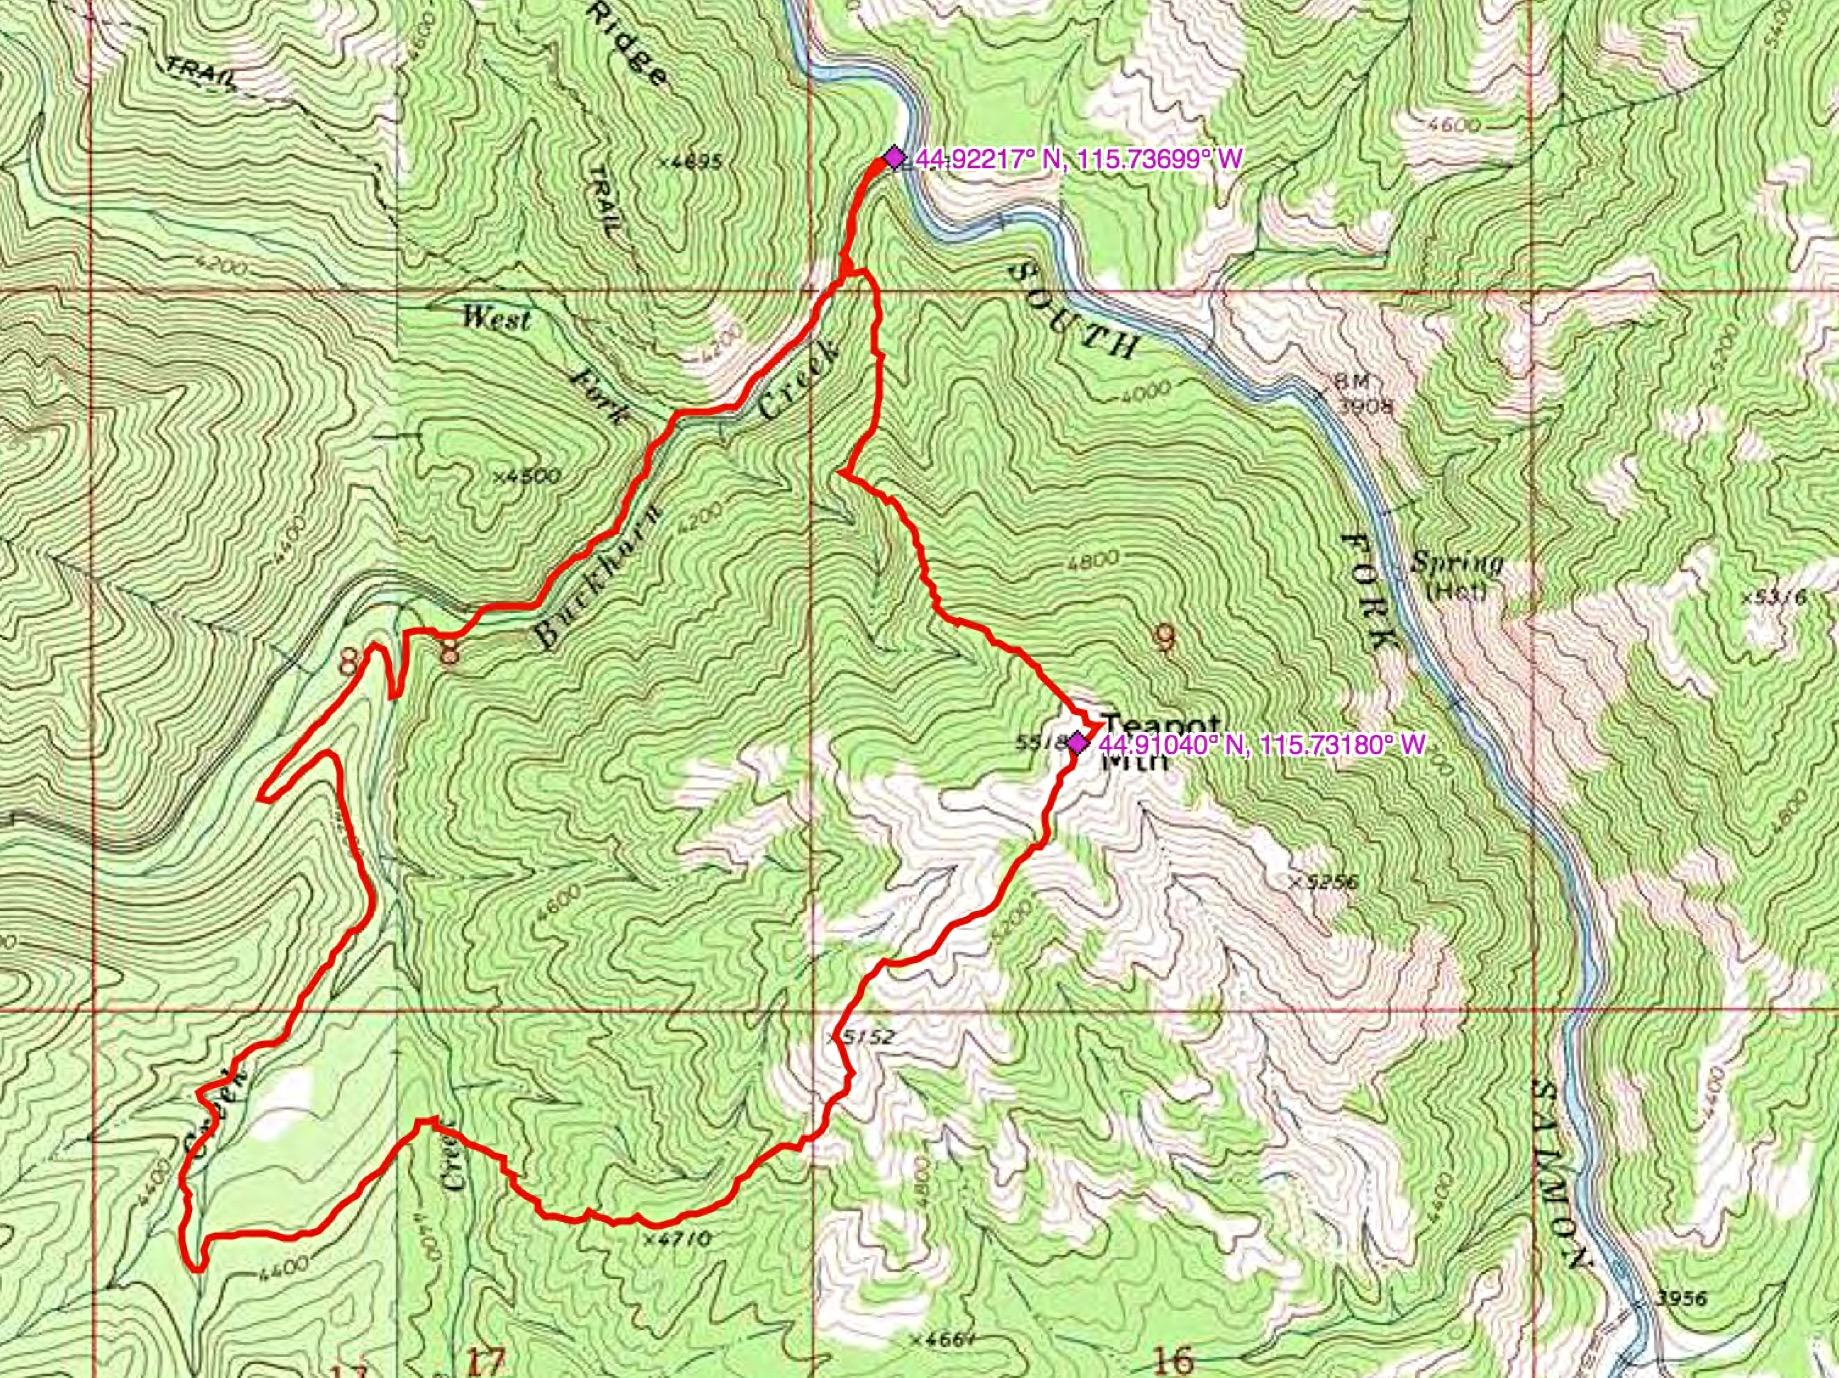 John Platt's GPS track for his Teapot Mountain excursion.